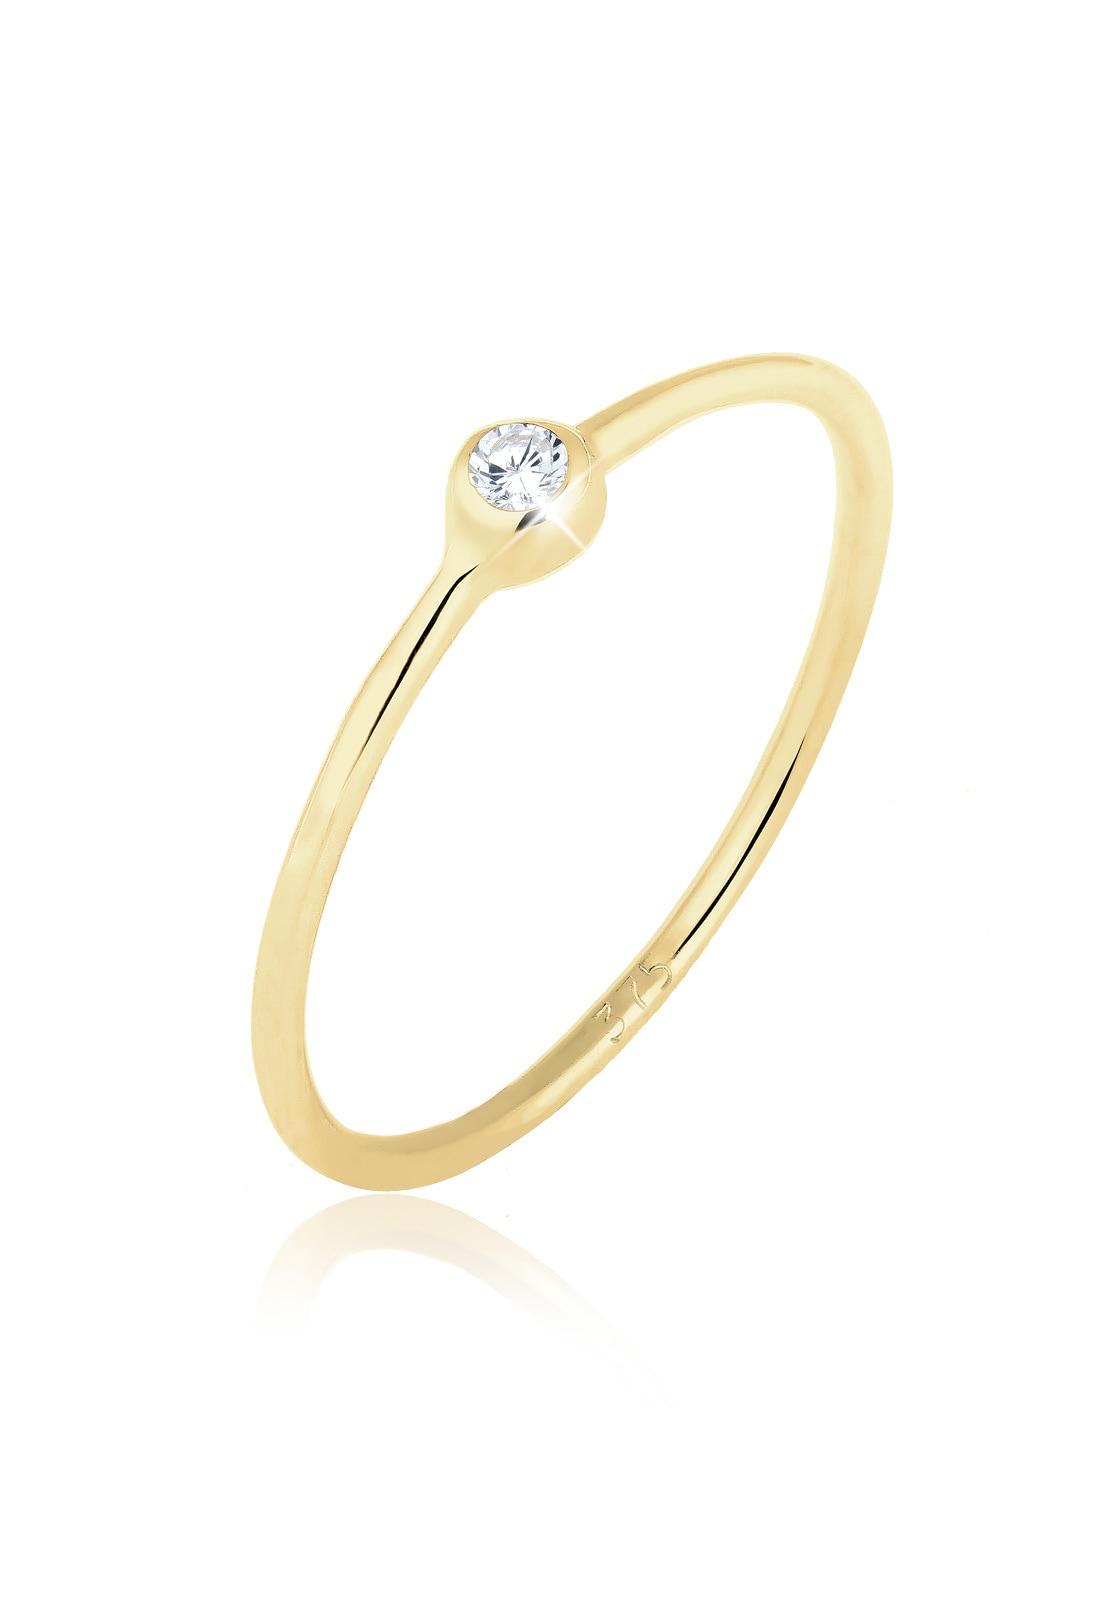 Elli Fingerring »375 Gelbgold Solitärring Zirkonia« | Schmuck > Ringe > Solitär Ringe | Weiß | ELLI